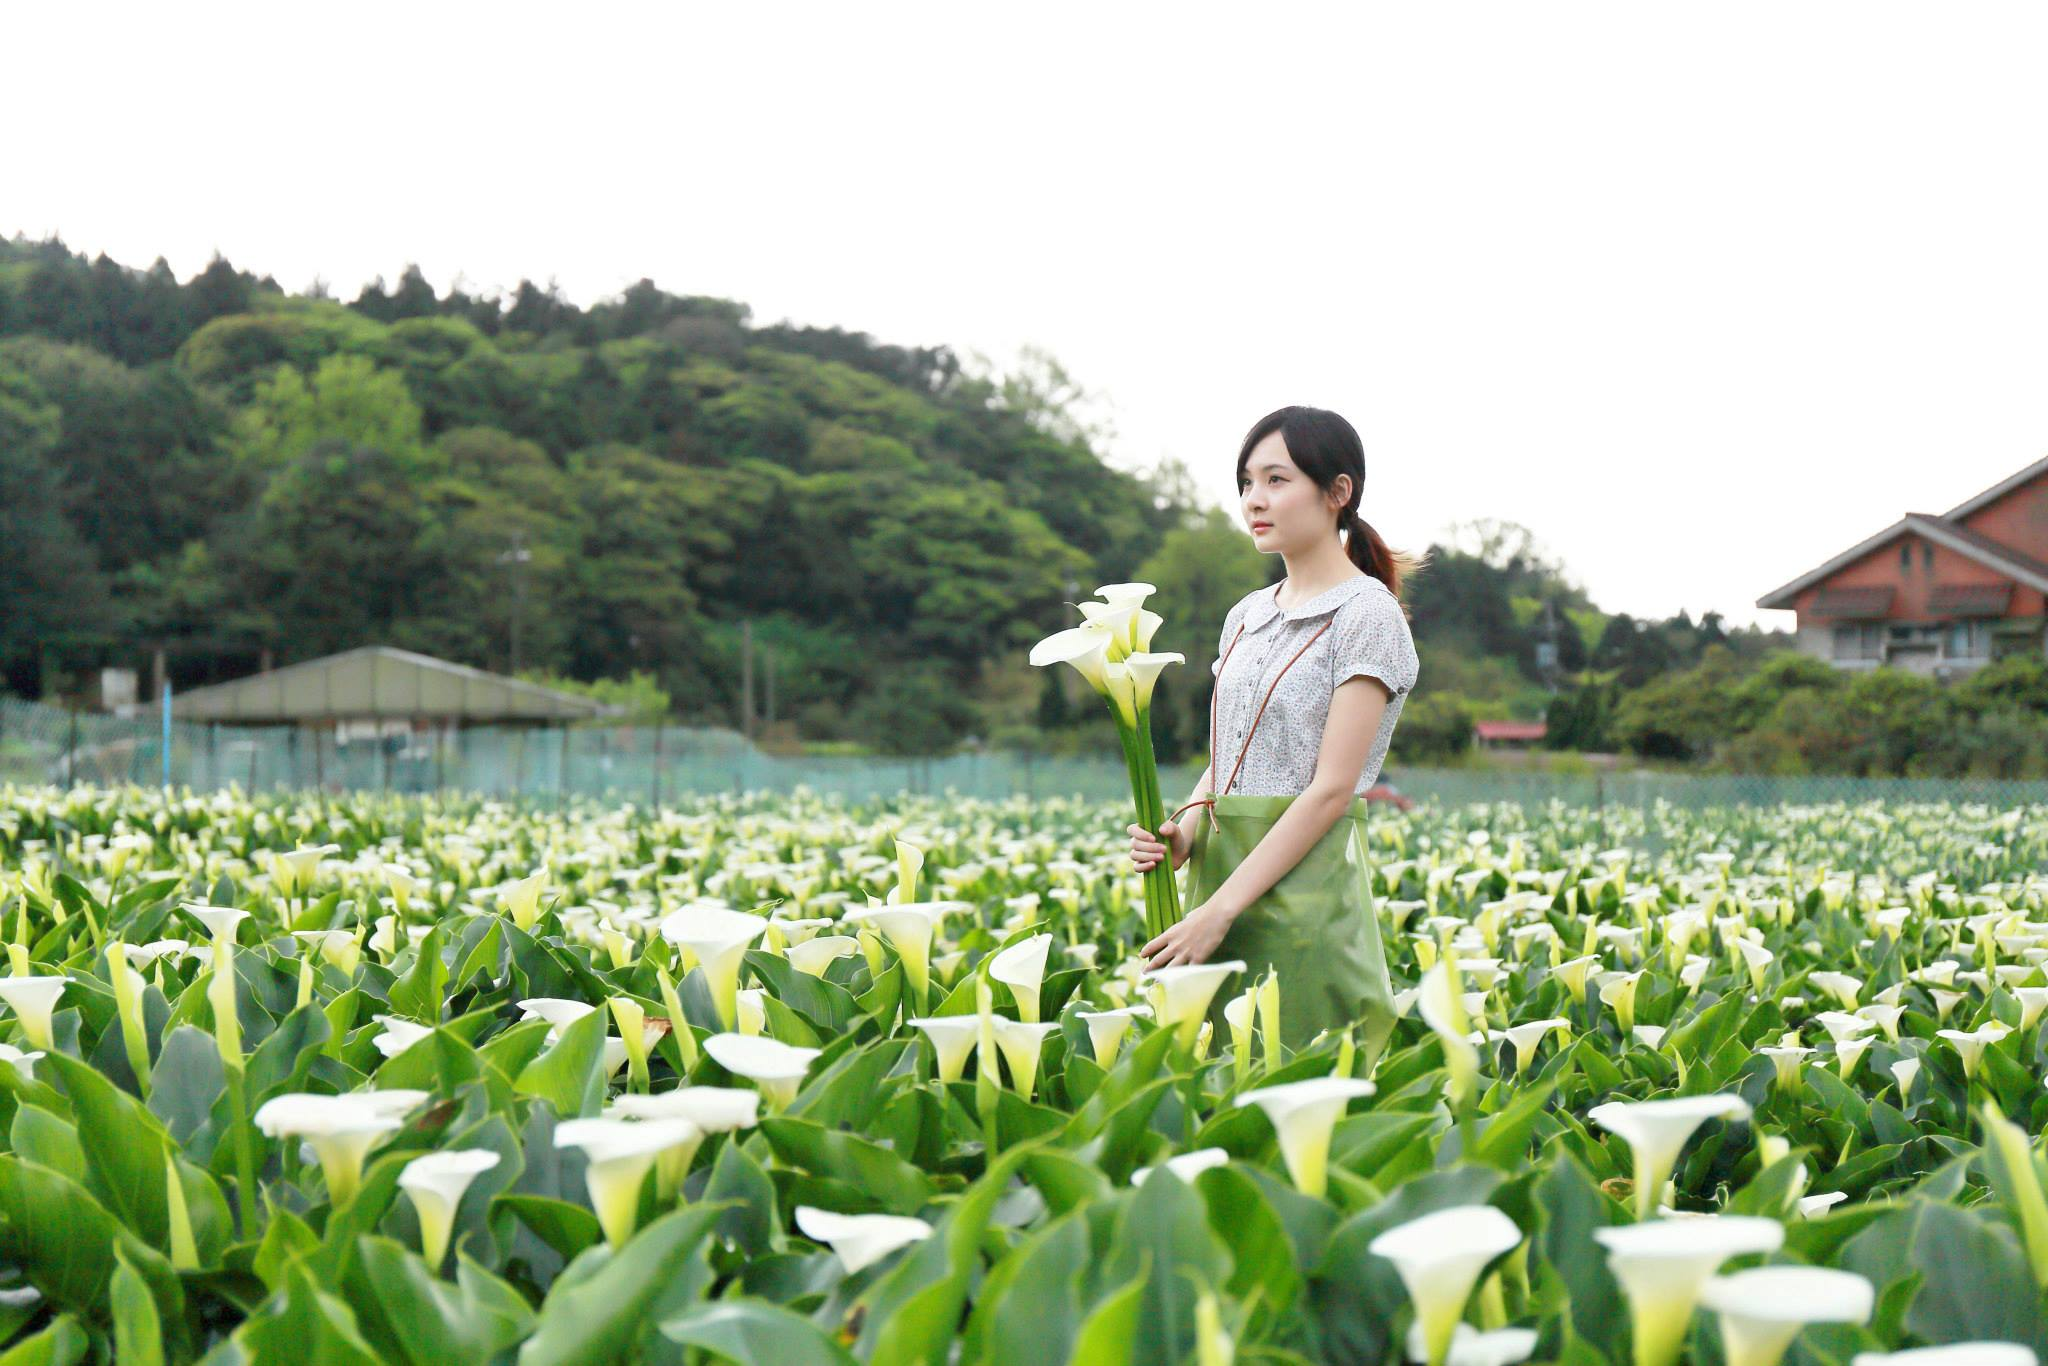 IG打卡季來臨│竹子湖海芋 繡球花滿山開💐 就等你來拍出屬於自己的獨特風格照!